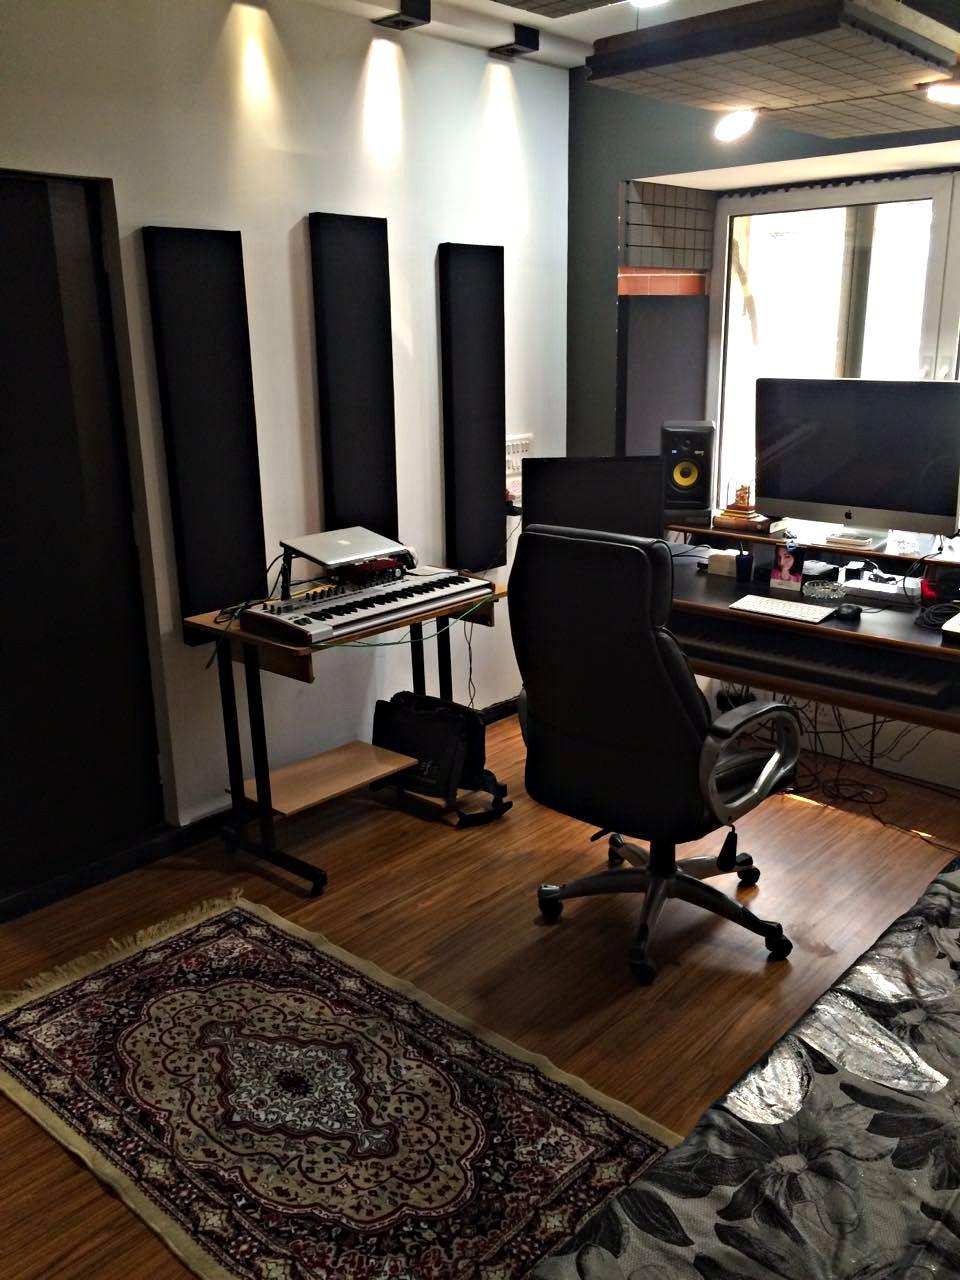 Ultracoustic Studio Acoustic Treatment Acoustic Panels